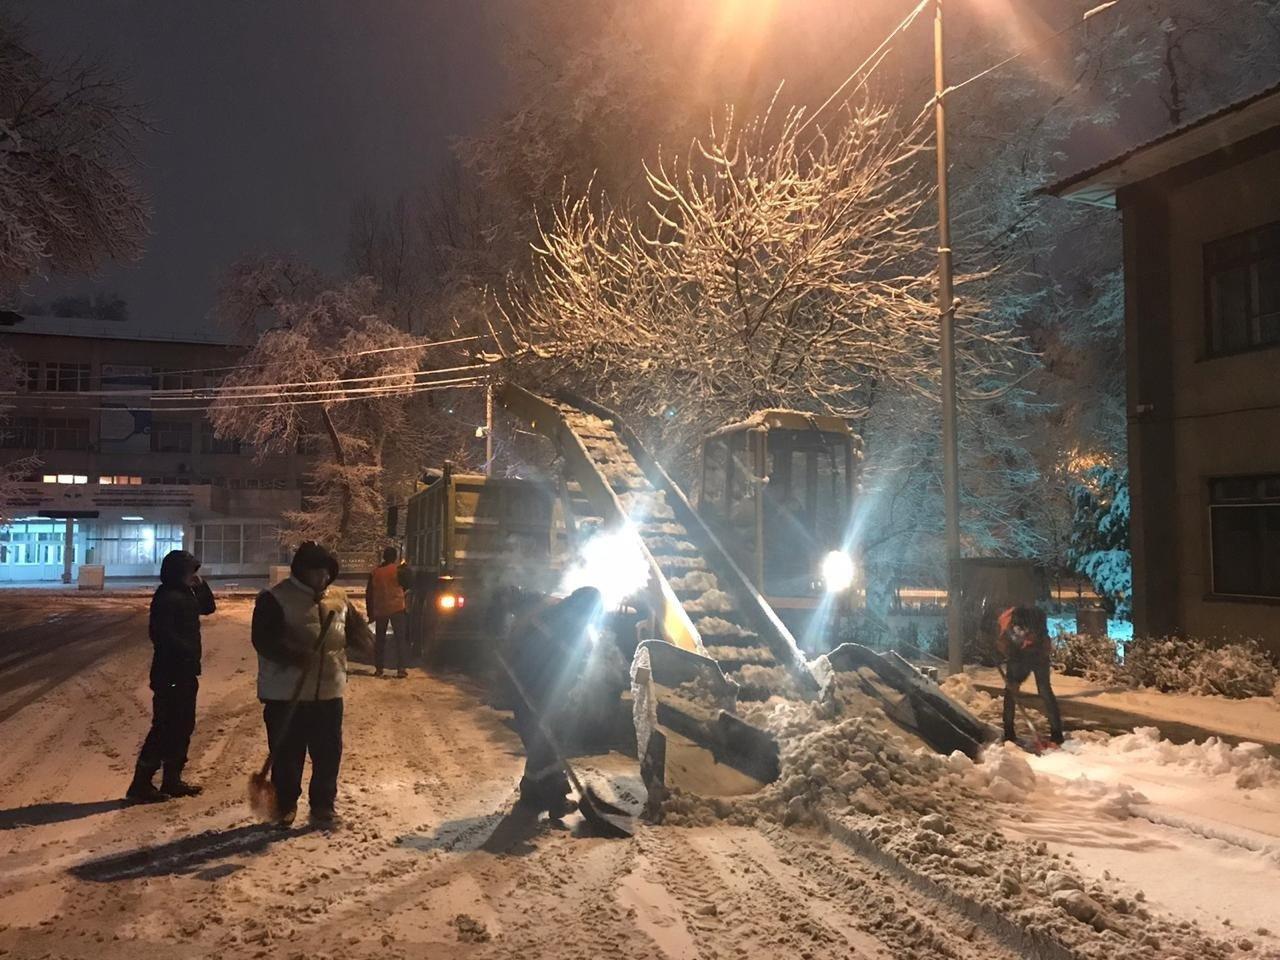 До 25 сантиметров снега выпало в Алматы за ночь, фото-1